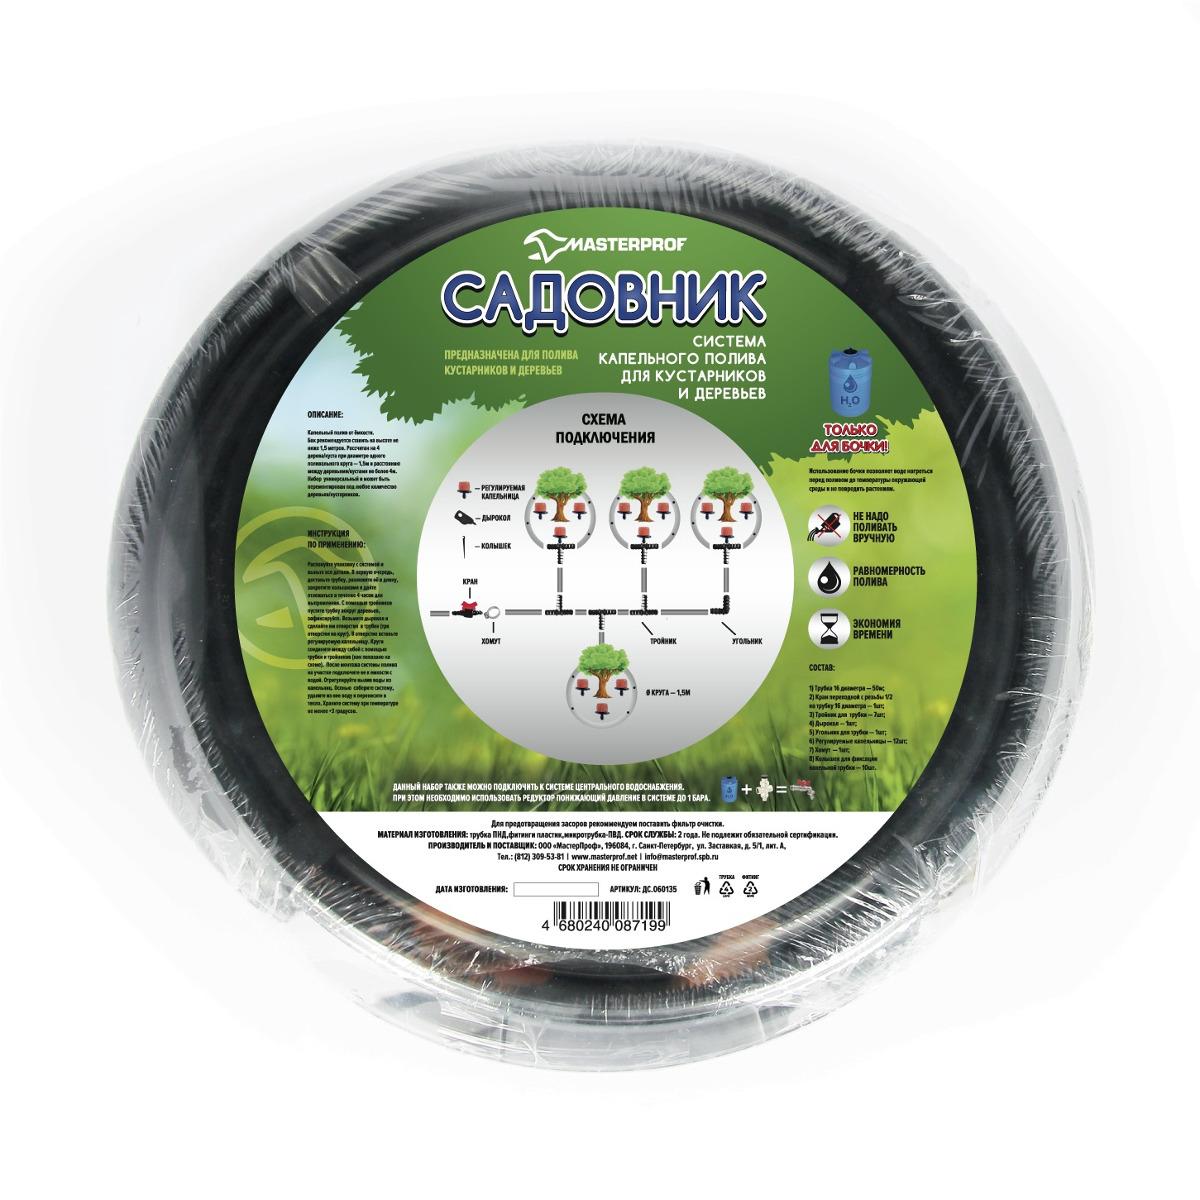 Система капельного полива MasterProf Садовник MP-У, для кустарников и деревьев капельный полив для огорода теплицы